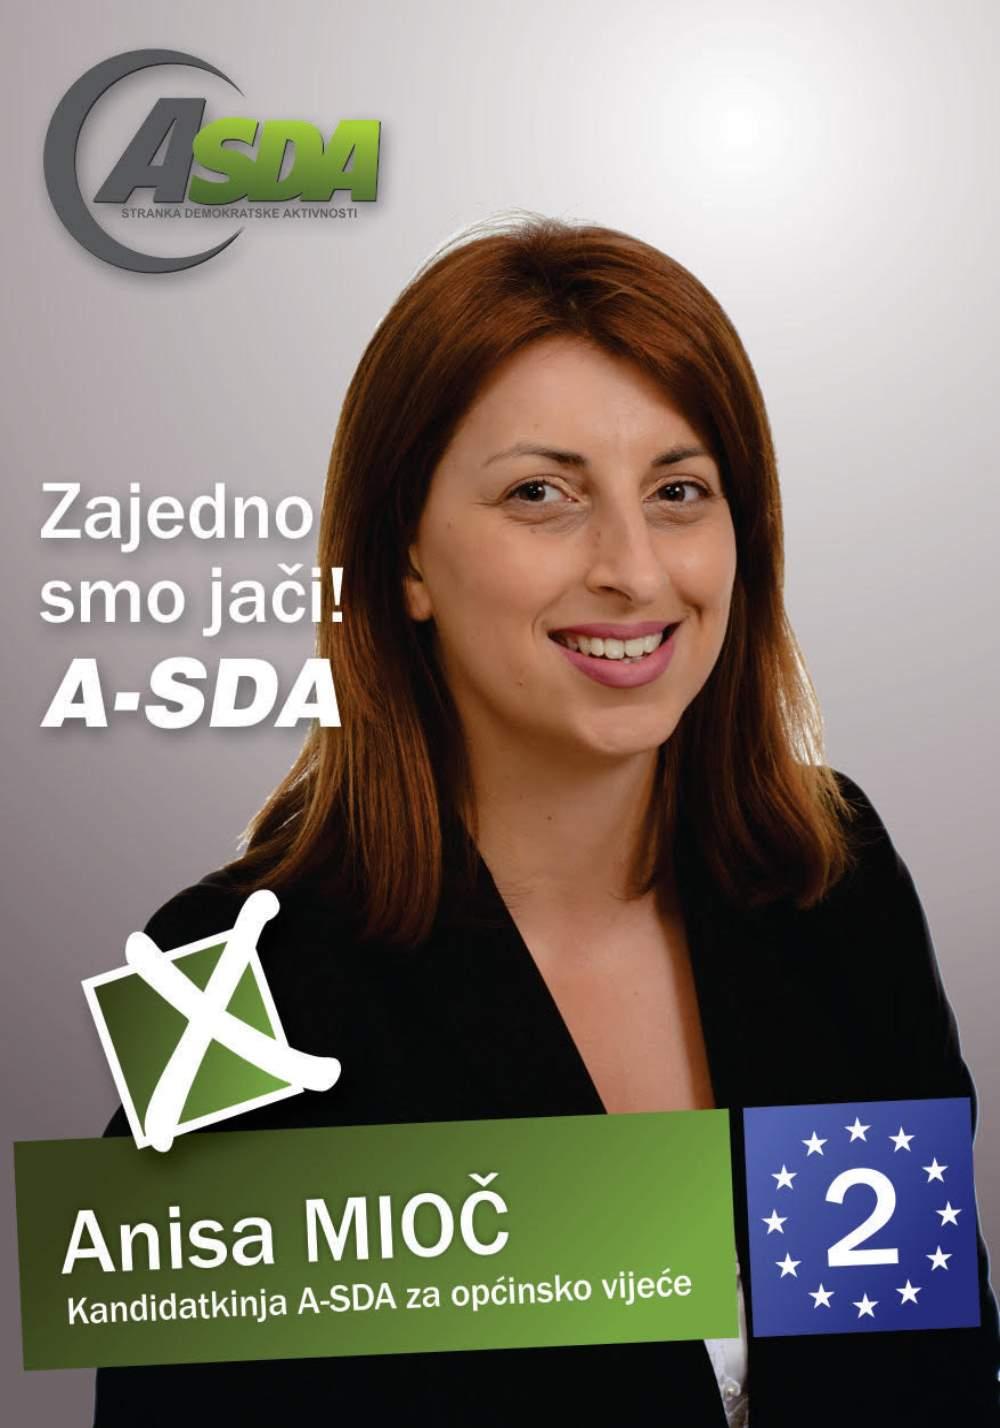 Anisa Mioč